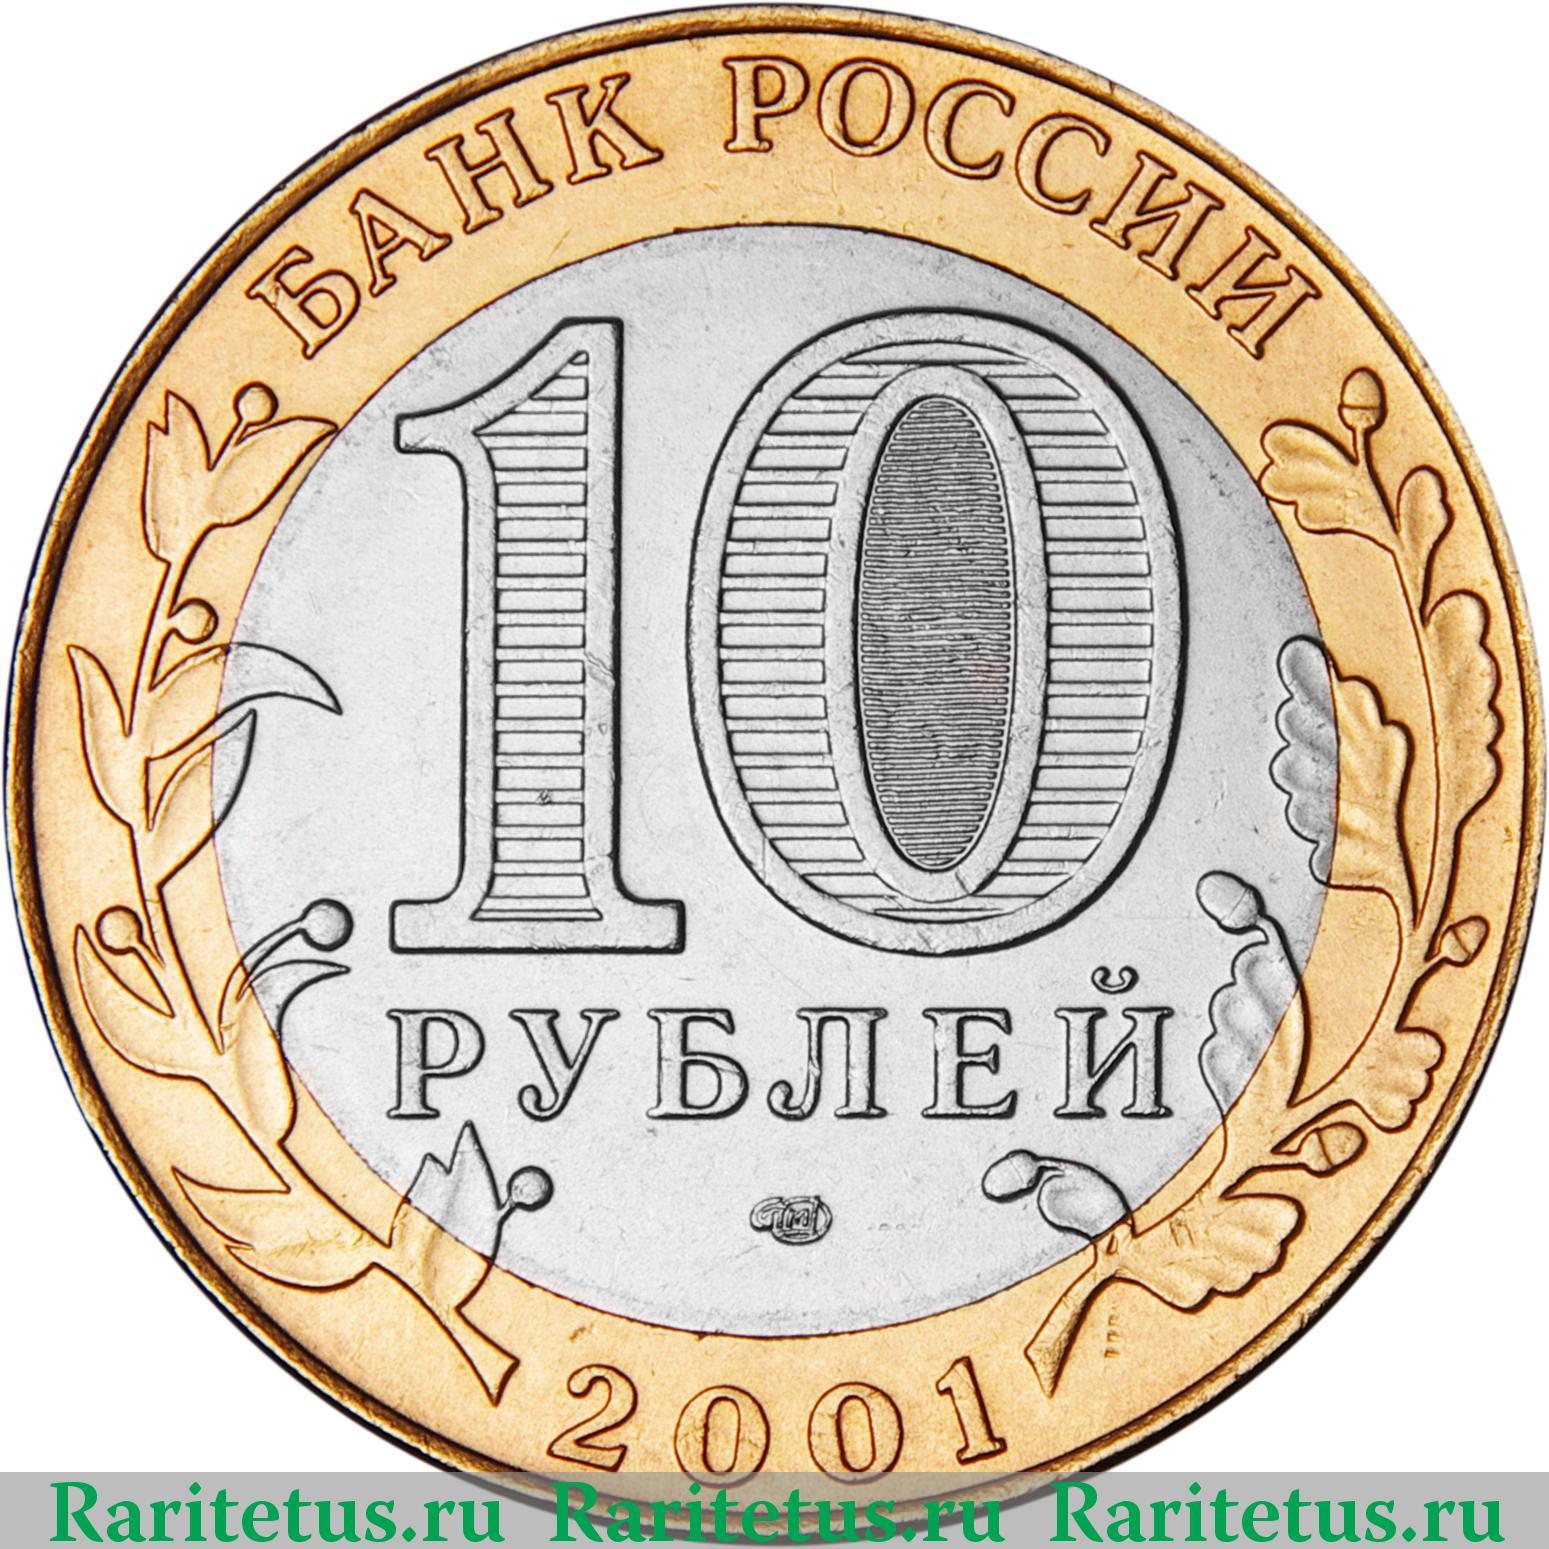 10 рублей гагарин 2001 стоимость ммд сколько стоит 50 евроцентов